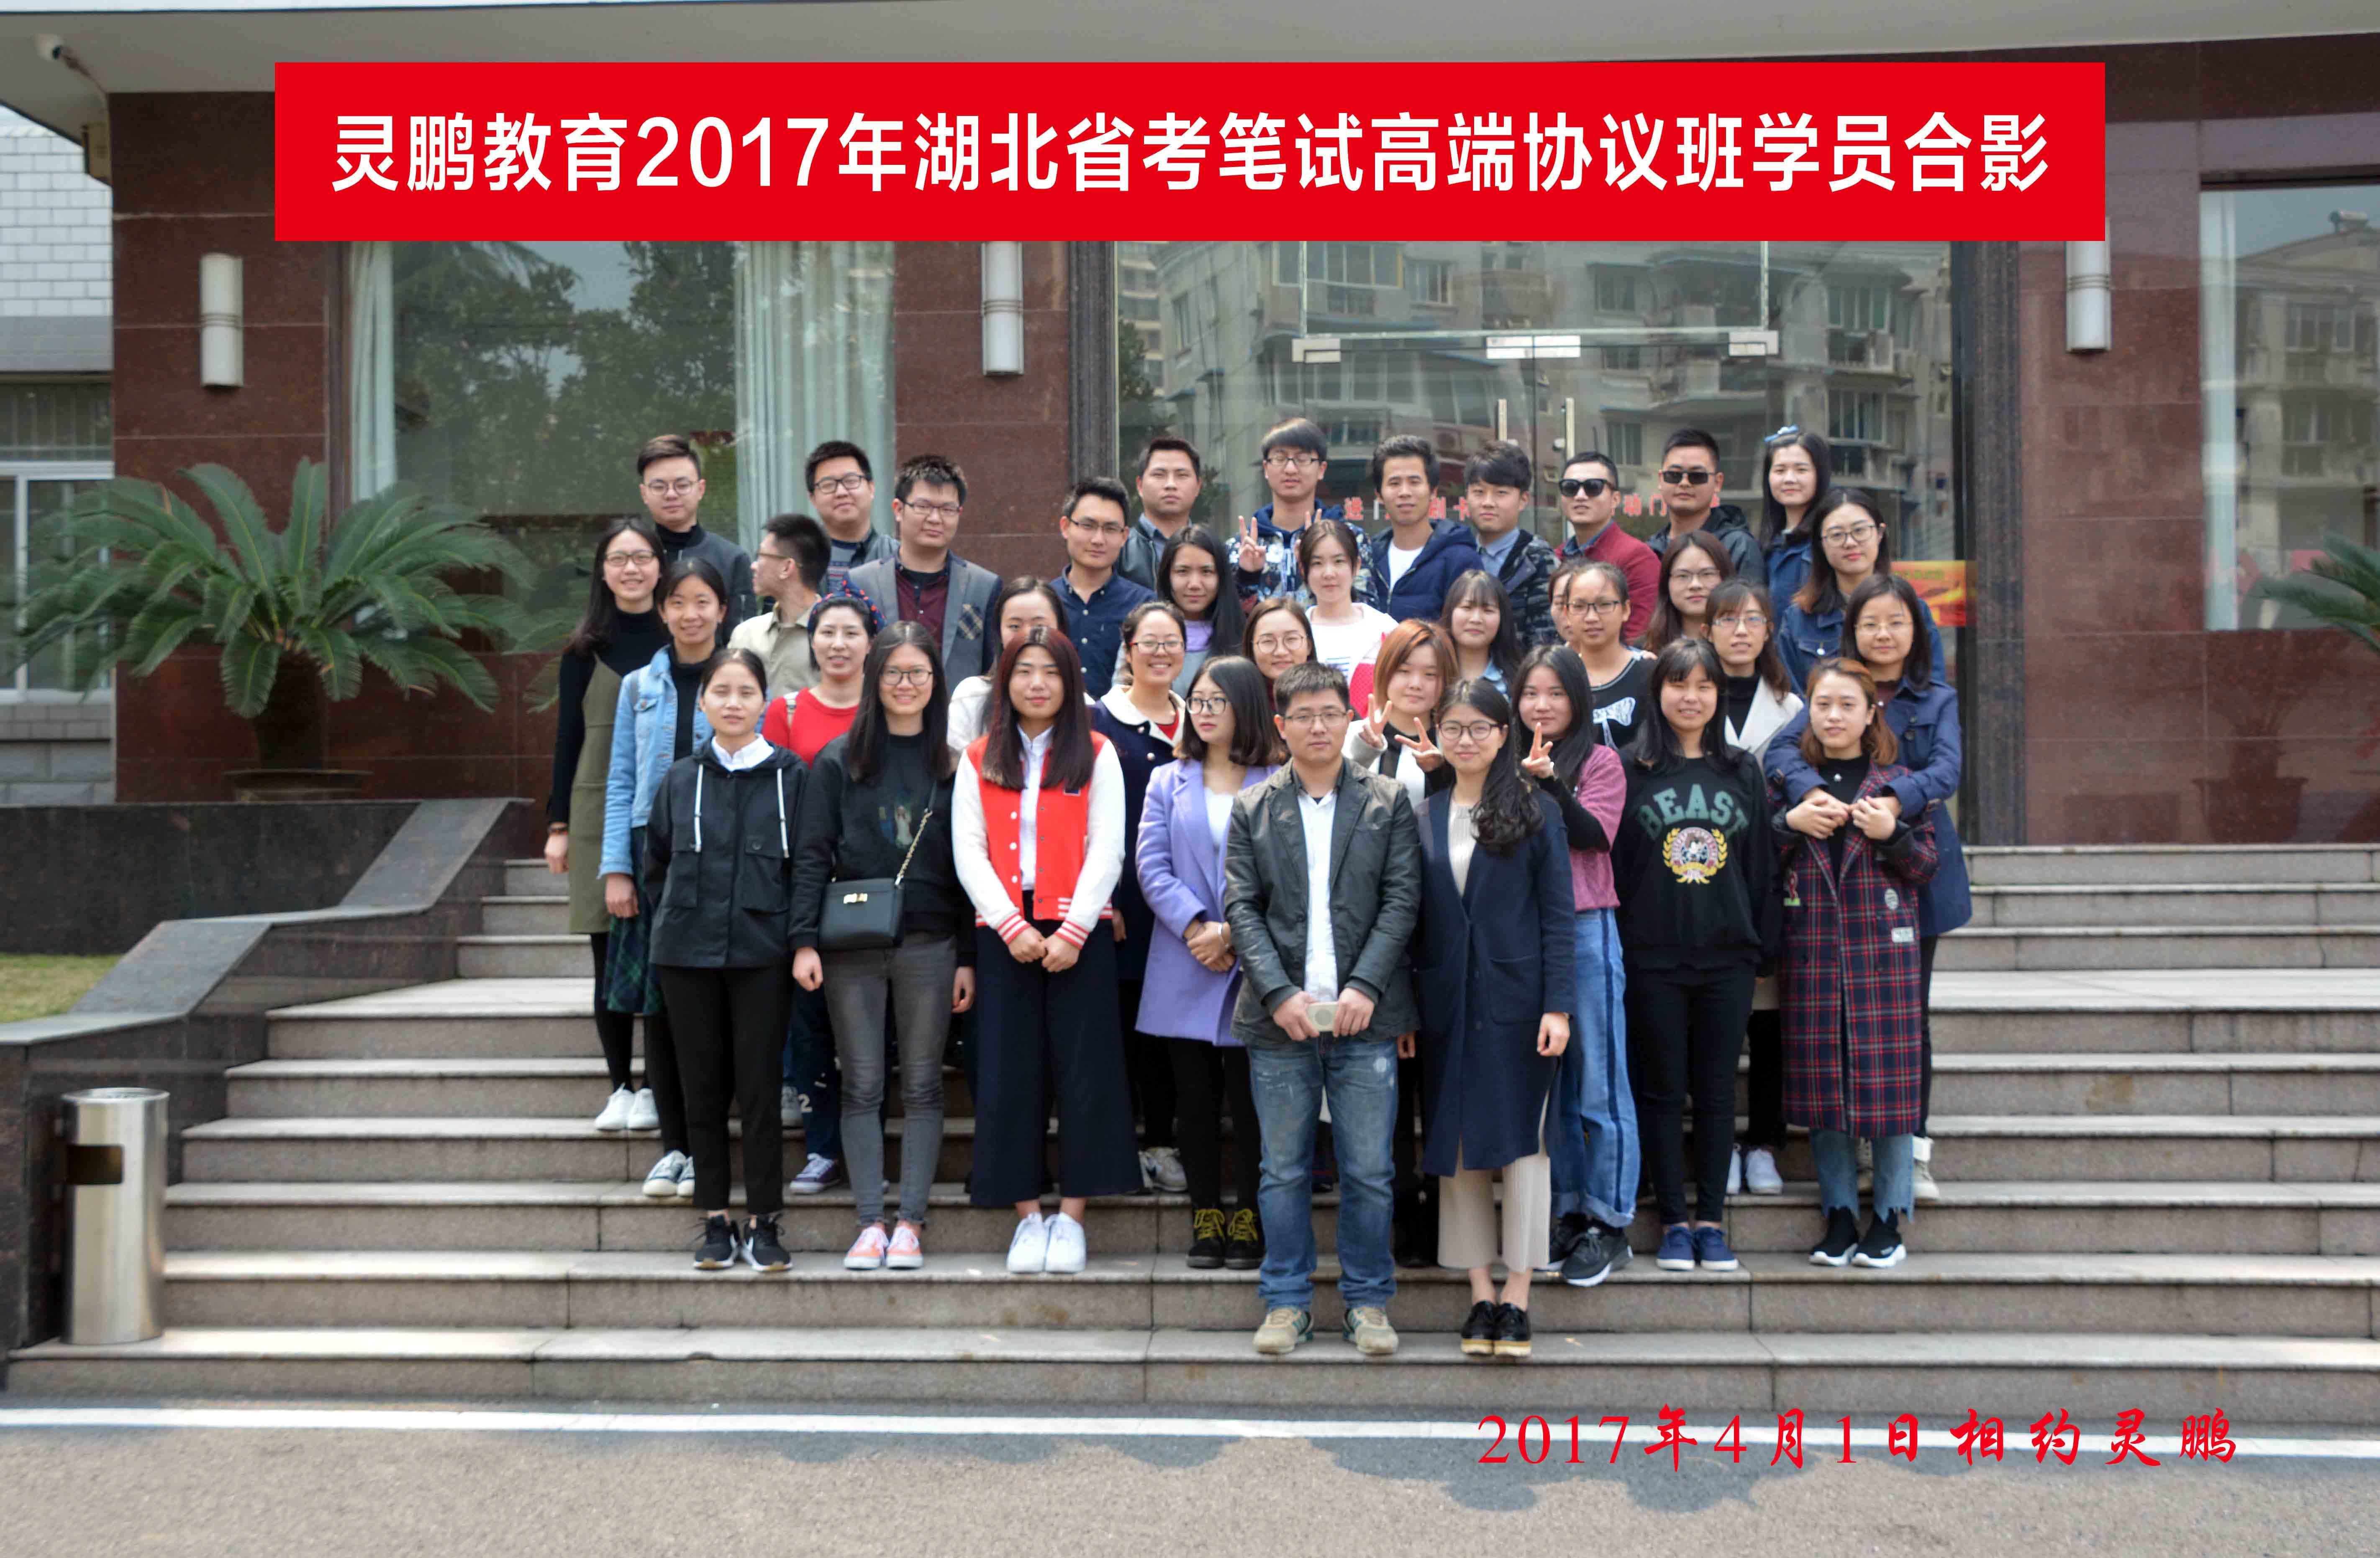 2017年湖北省考笔试高端协议班学员合影